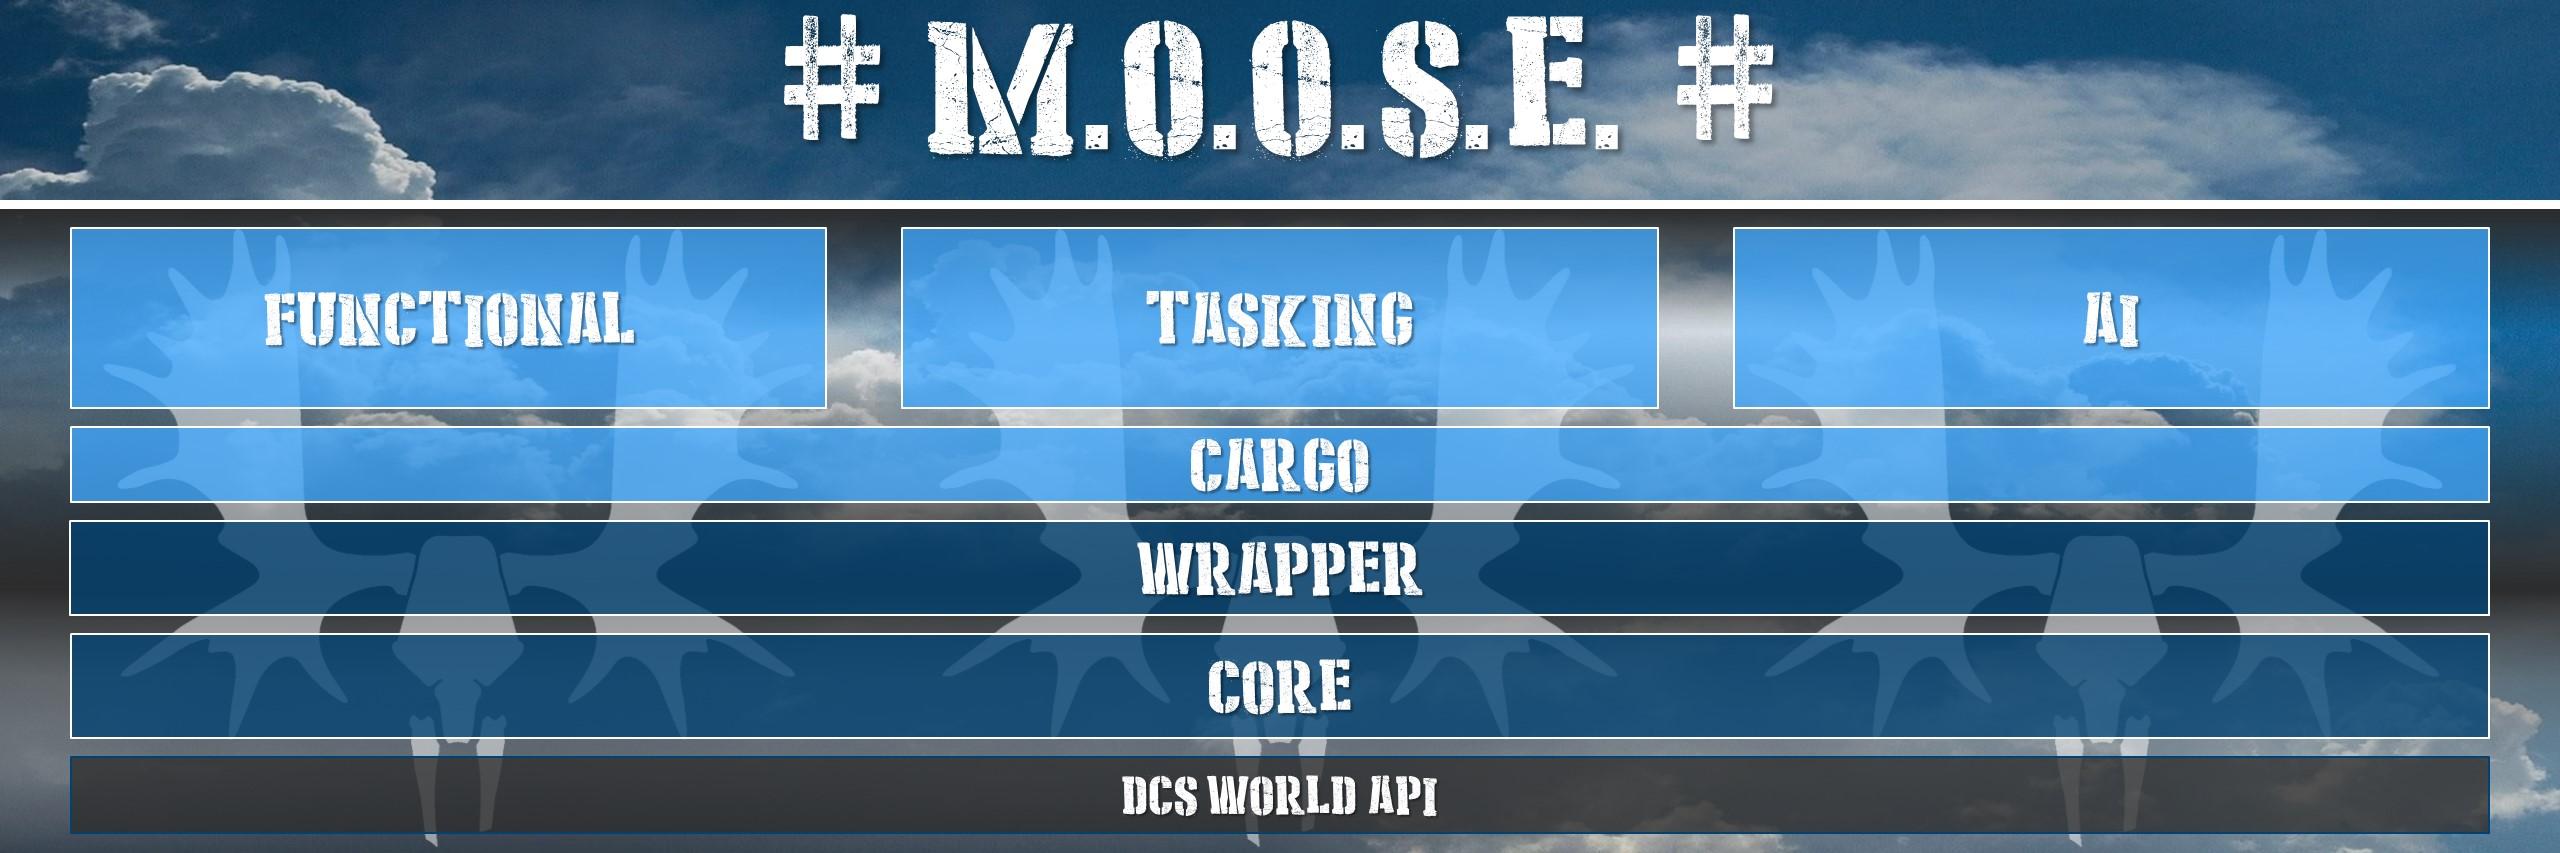 MOOSE Framework | M O O S E